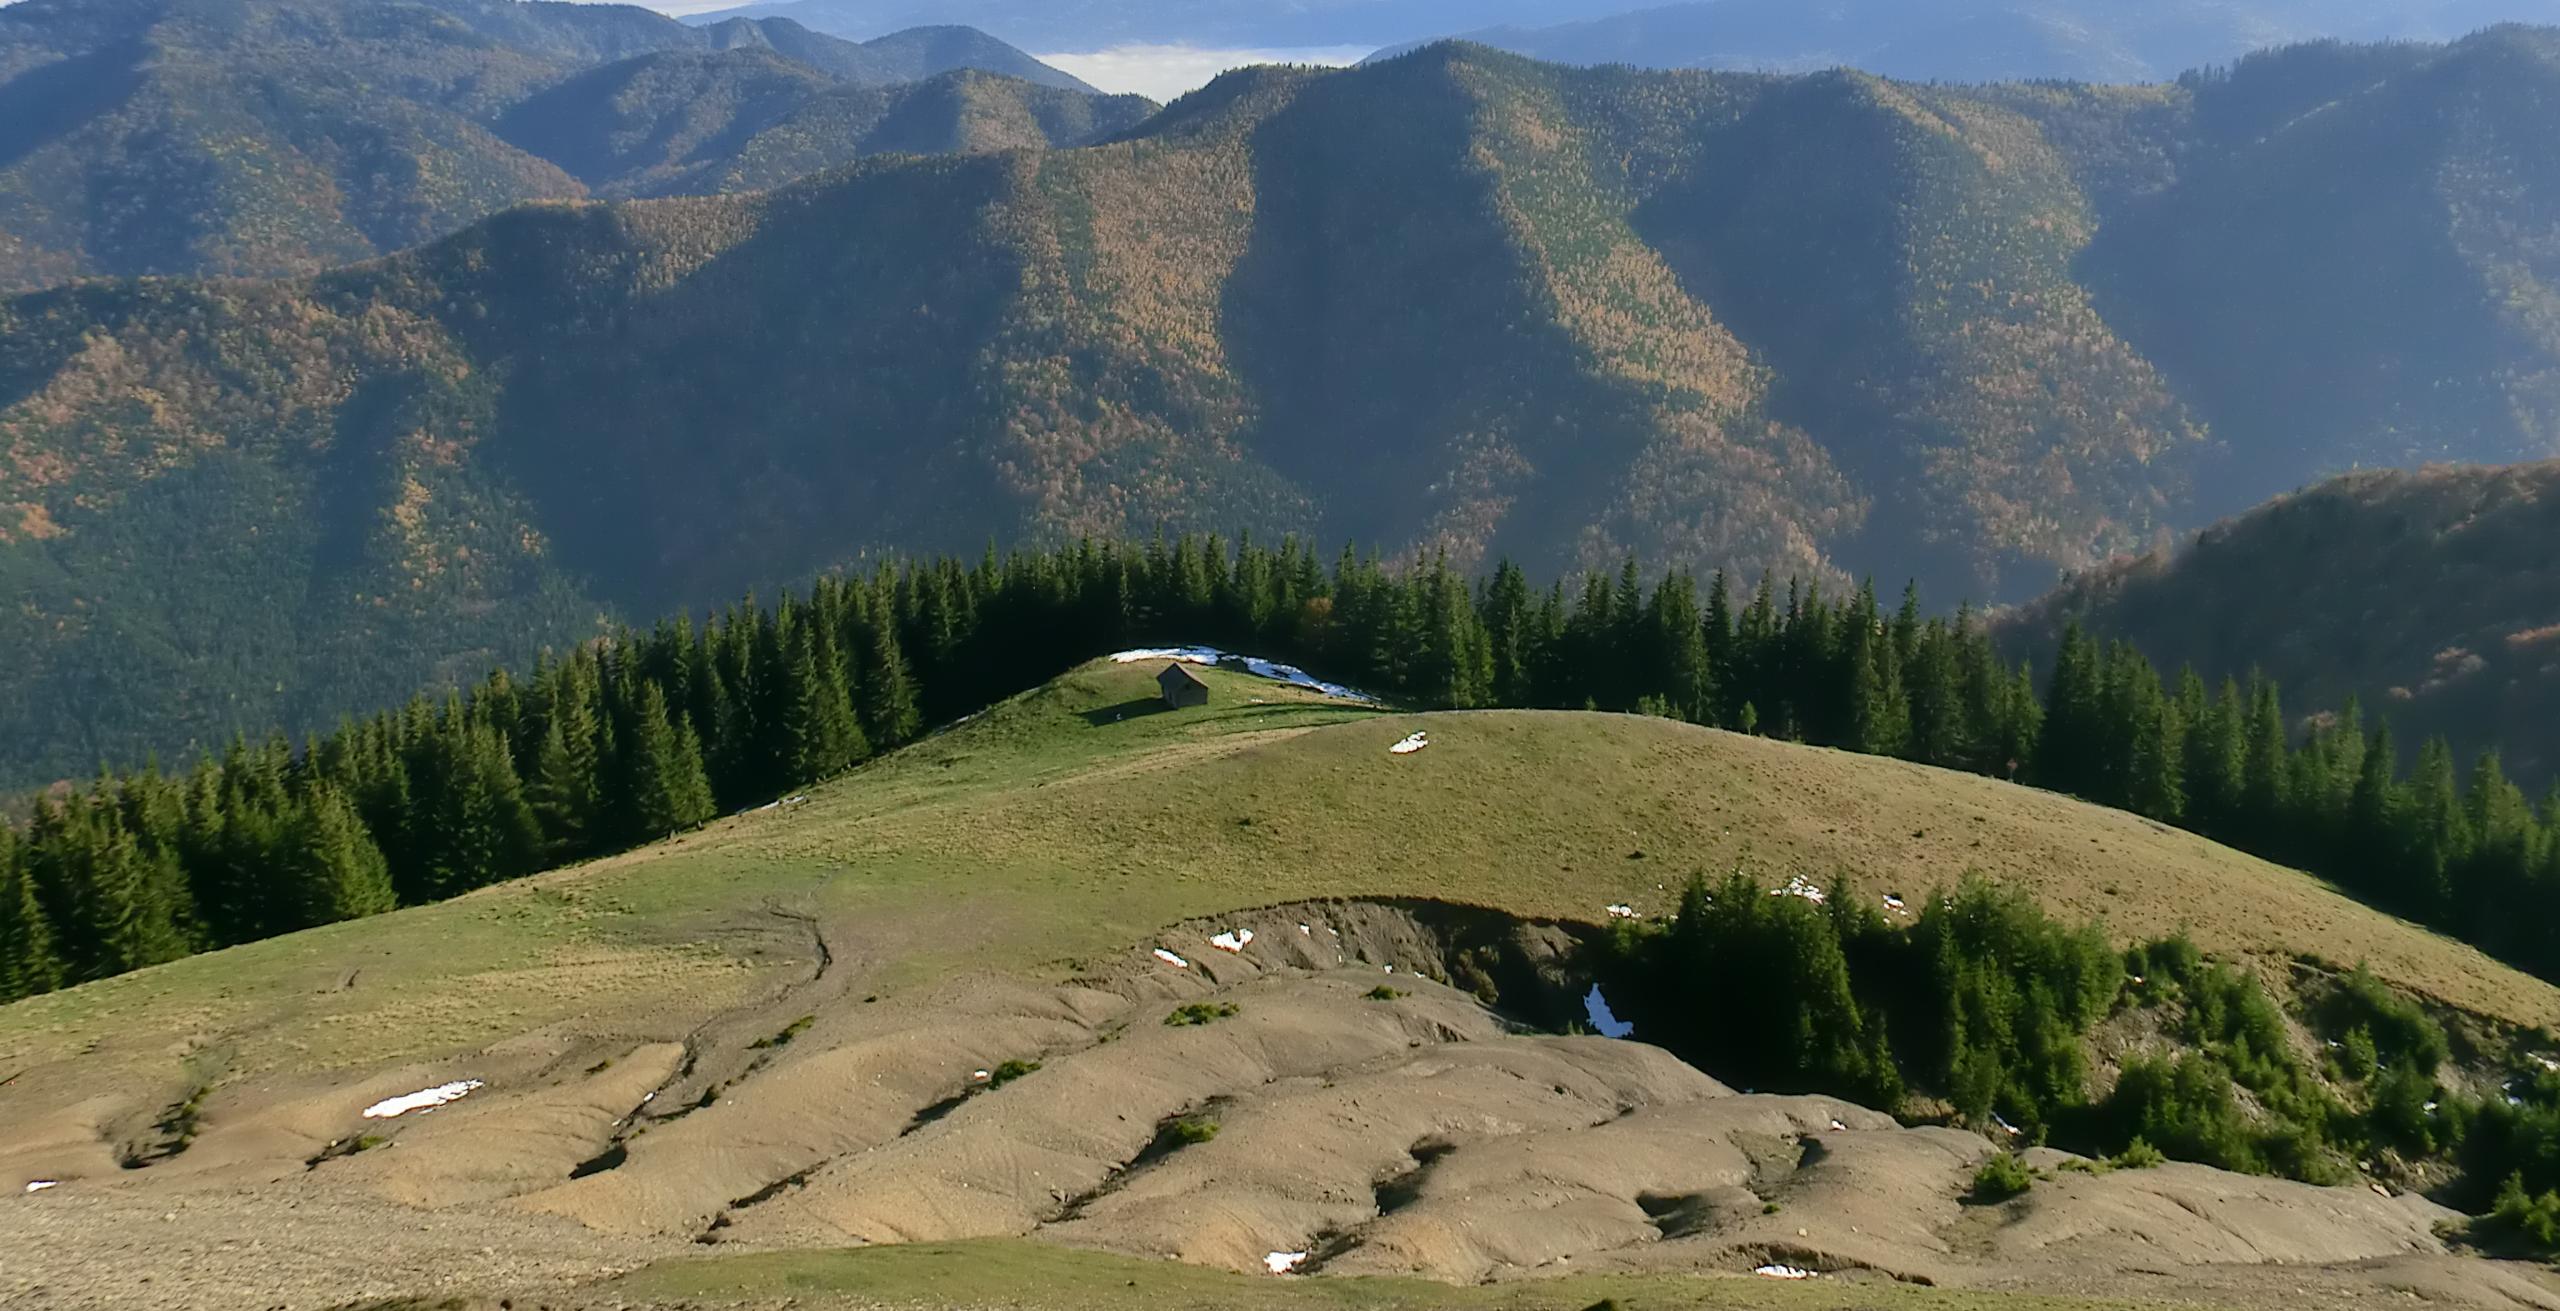 99 - 12.10.2013 - Un canton de lângă Stâna Hăuleştenilor - Tură Muntele Coza